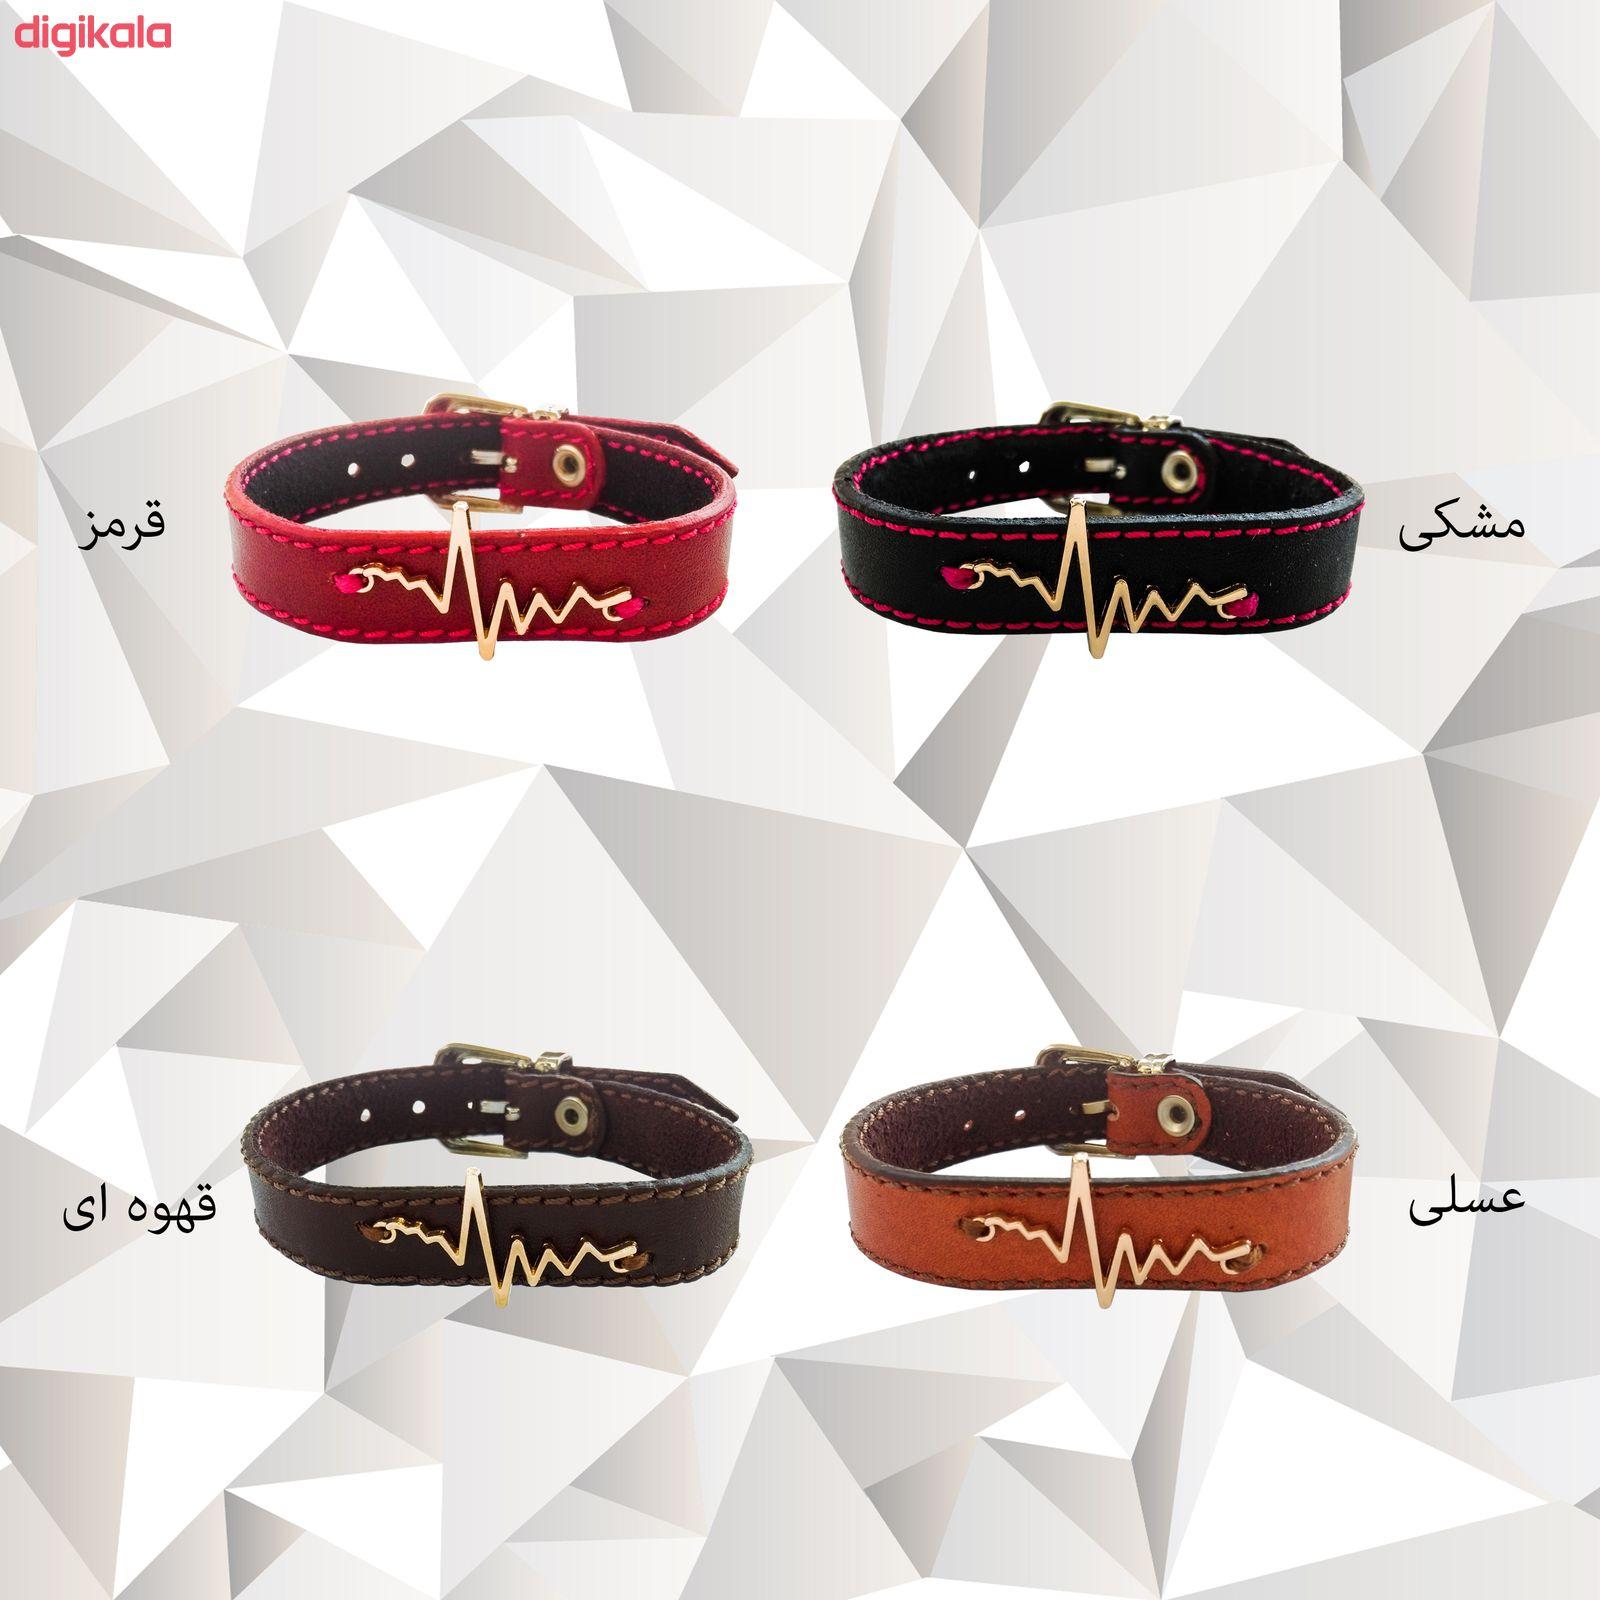 دستبند زنانه چرم وارک مدل پرهام کد rb59 main 1 7